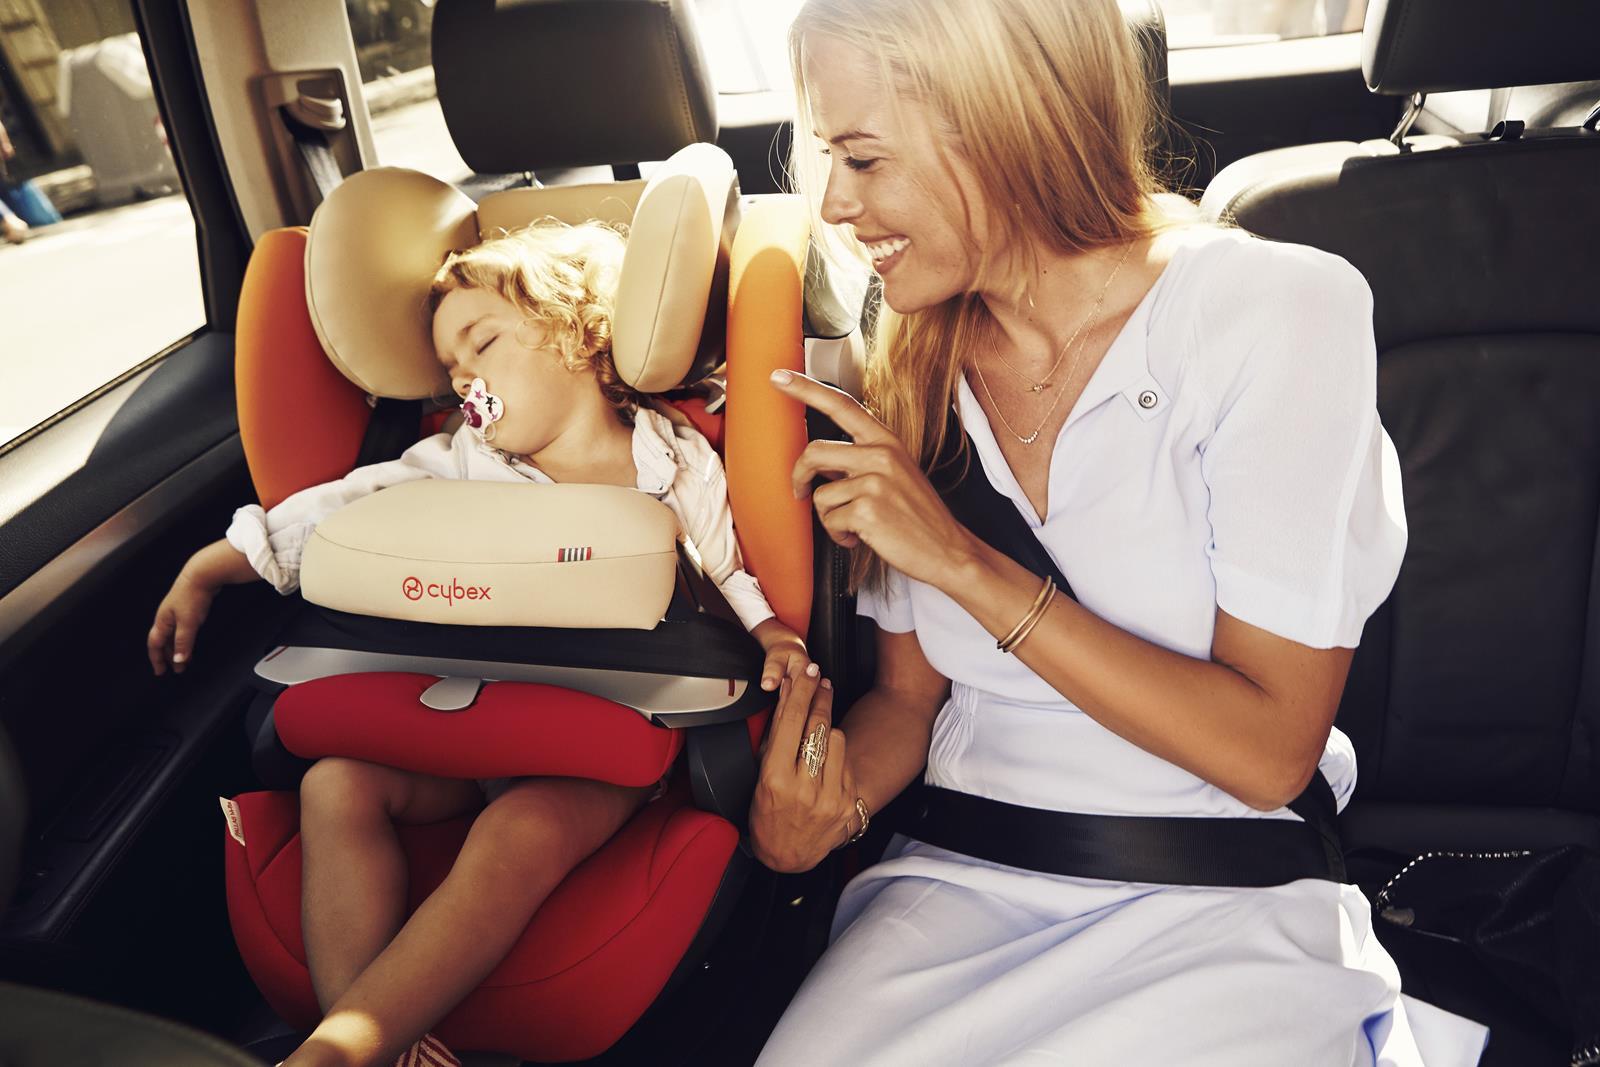 sicurezza bambini auto seggiolini cybex